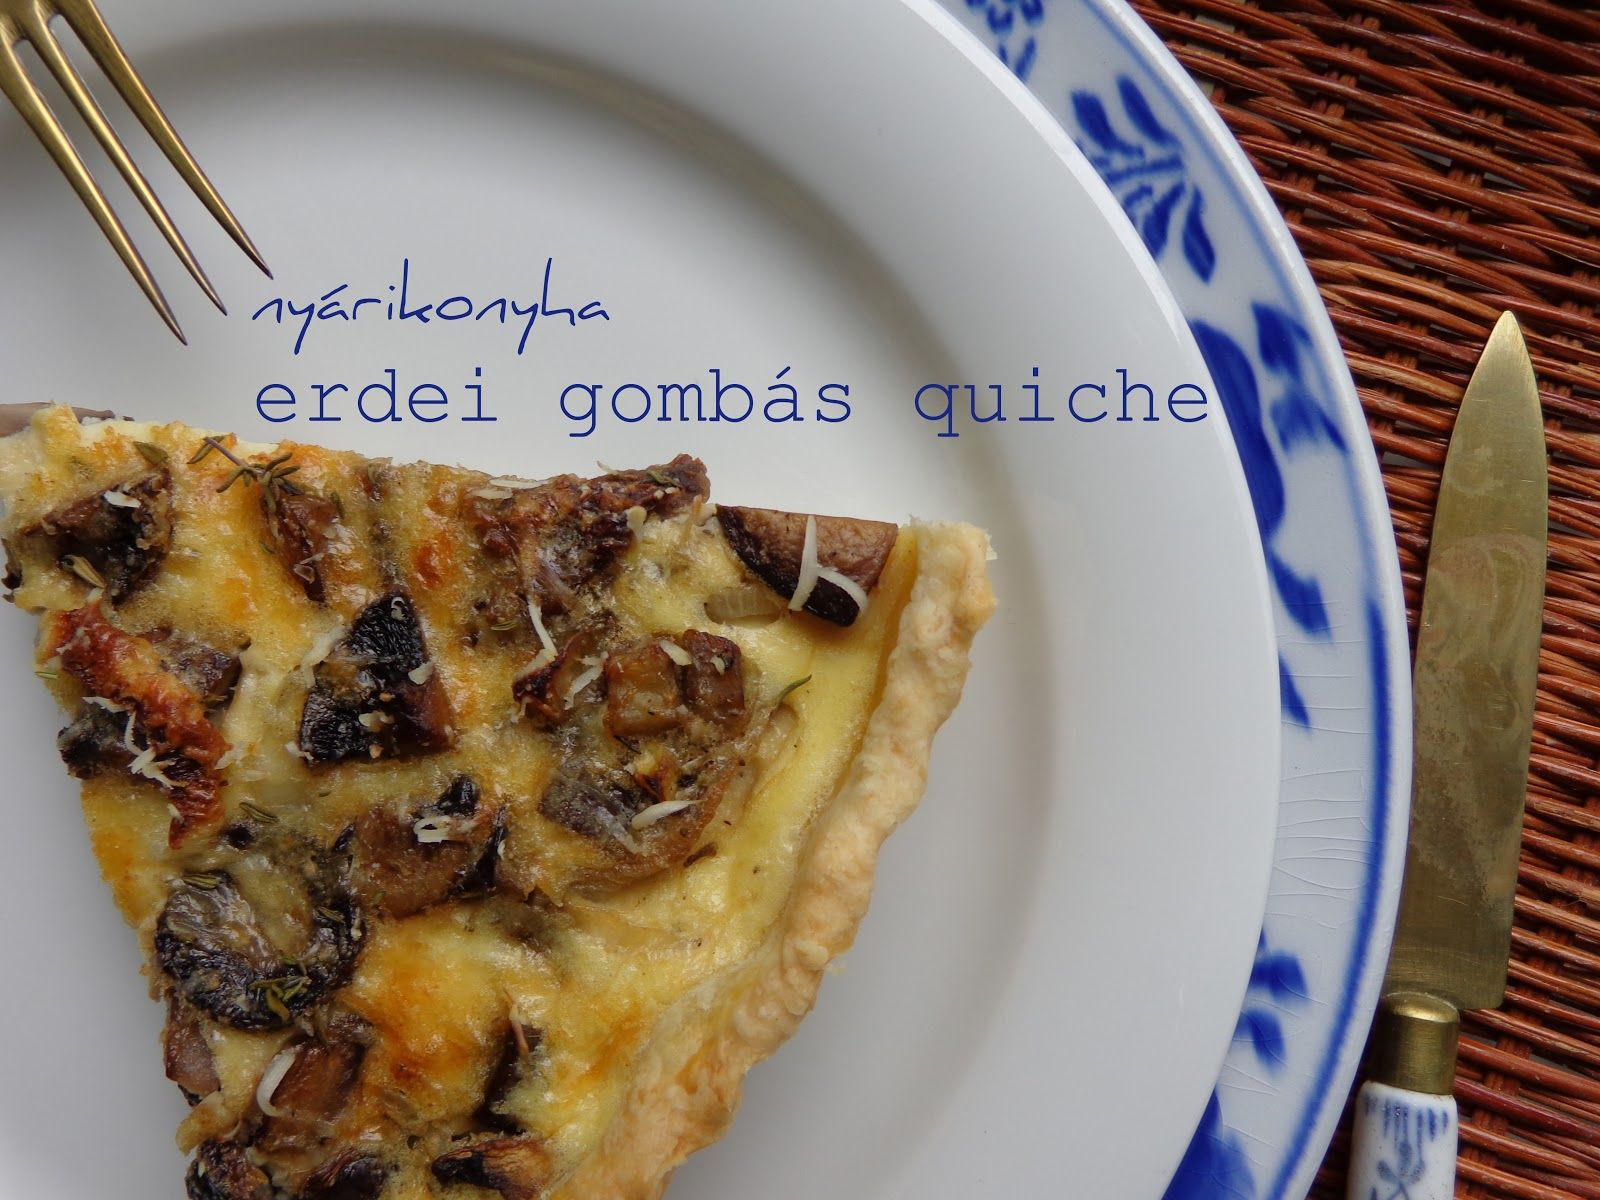 quiche gomba)